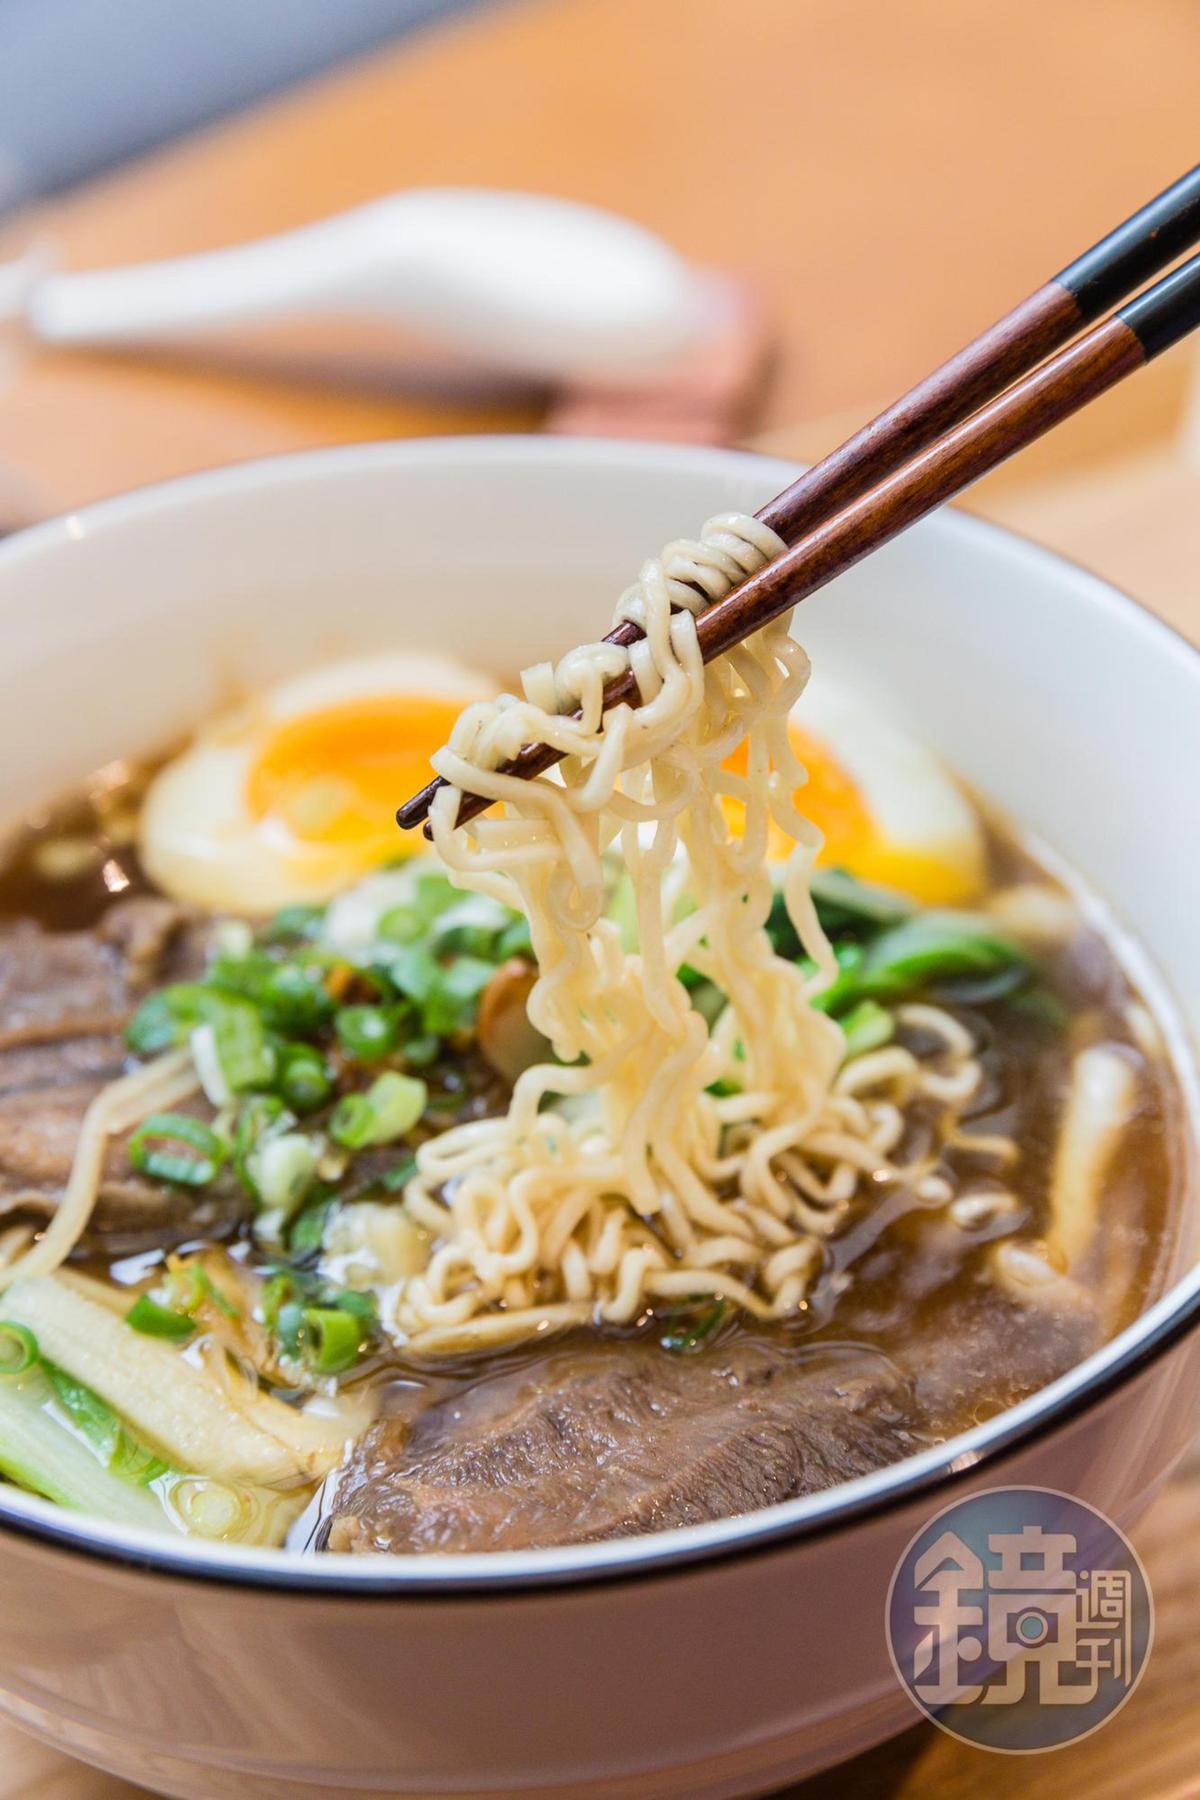 牛肉泡麵光湯頭就要費時6小時熬煮,每日限量30碗。(350元)